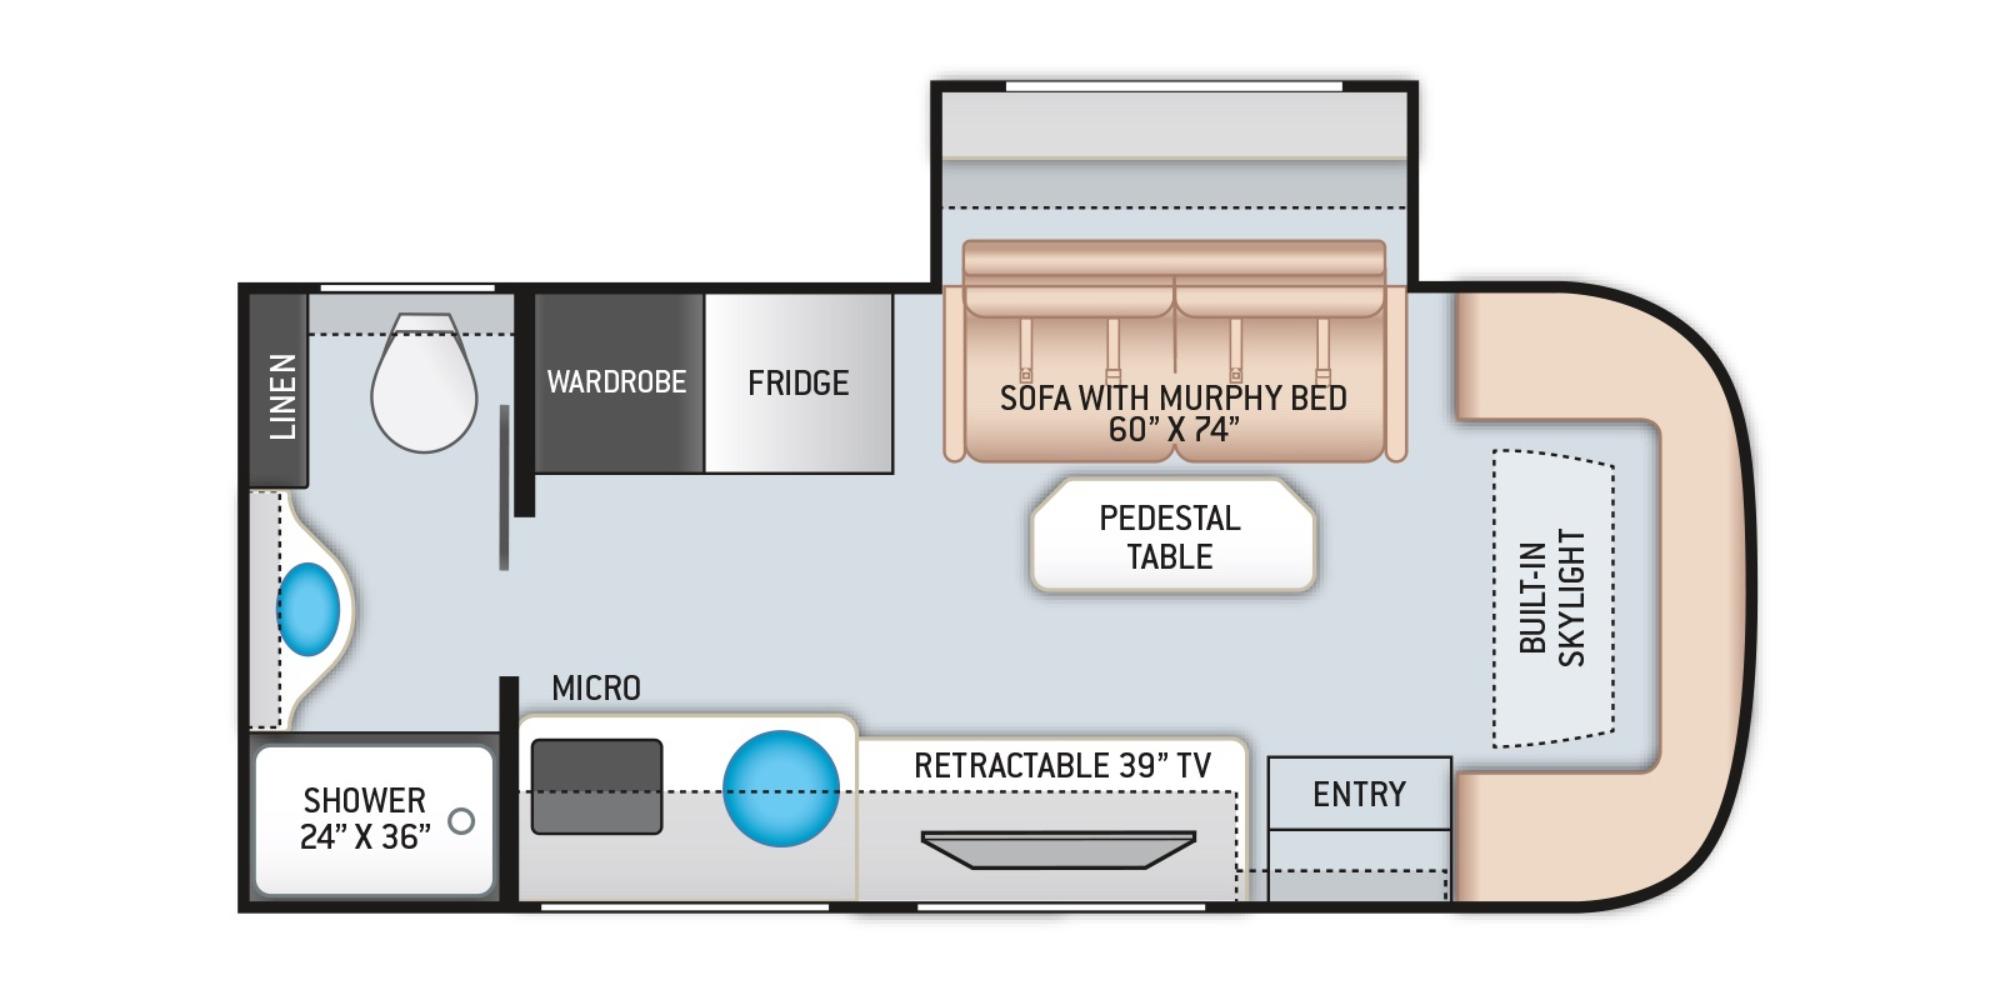 View Floor Plan for 2022 THOR GEMINI 23TE